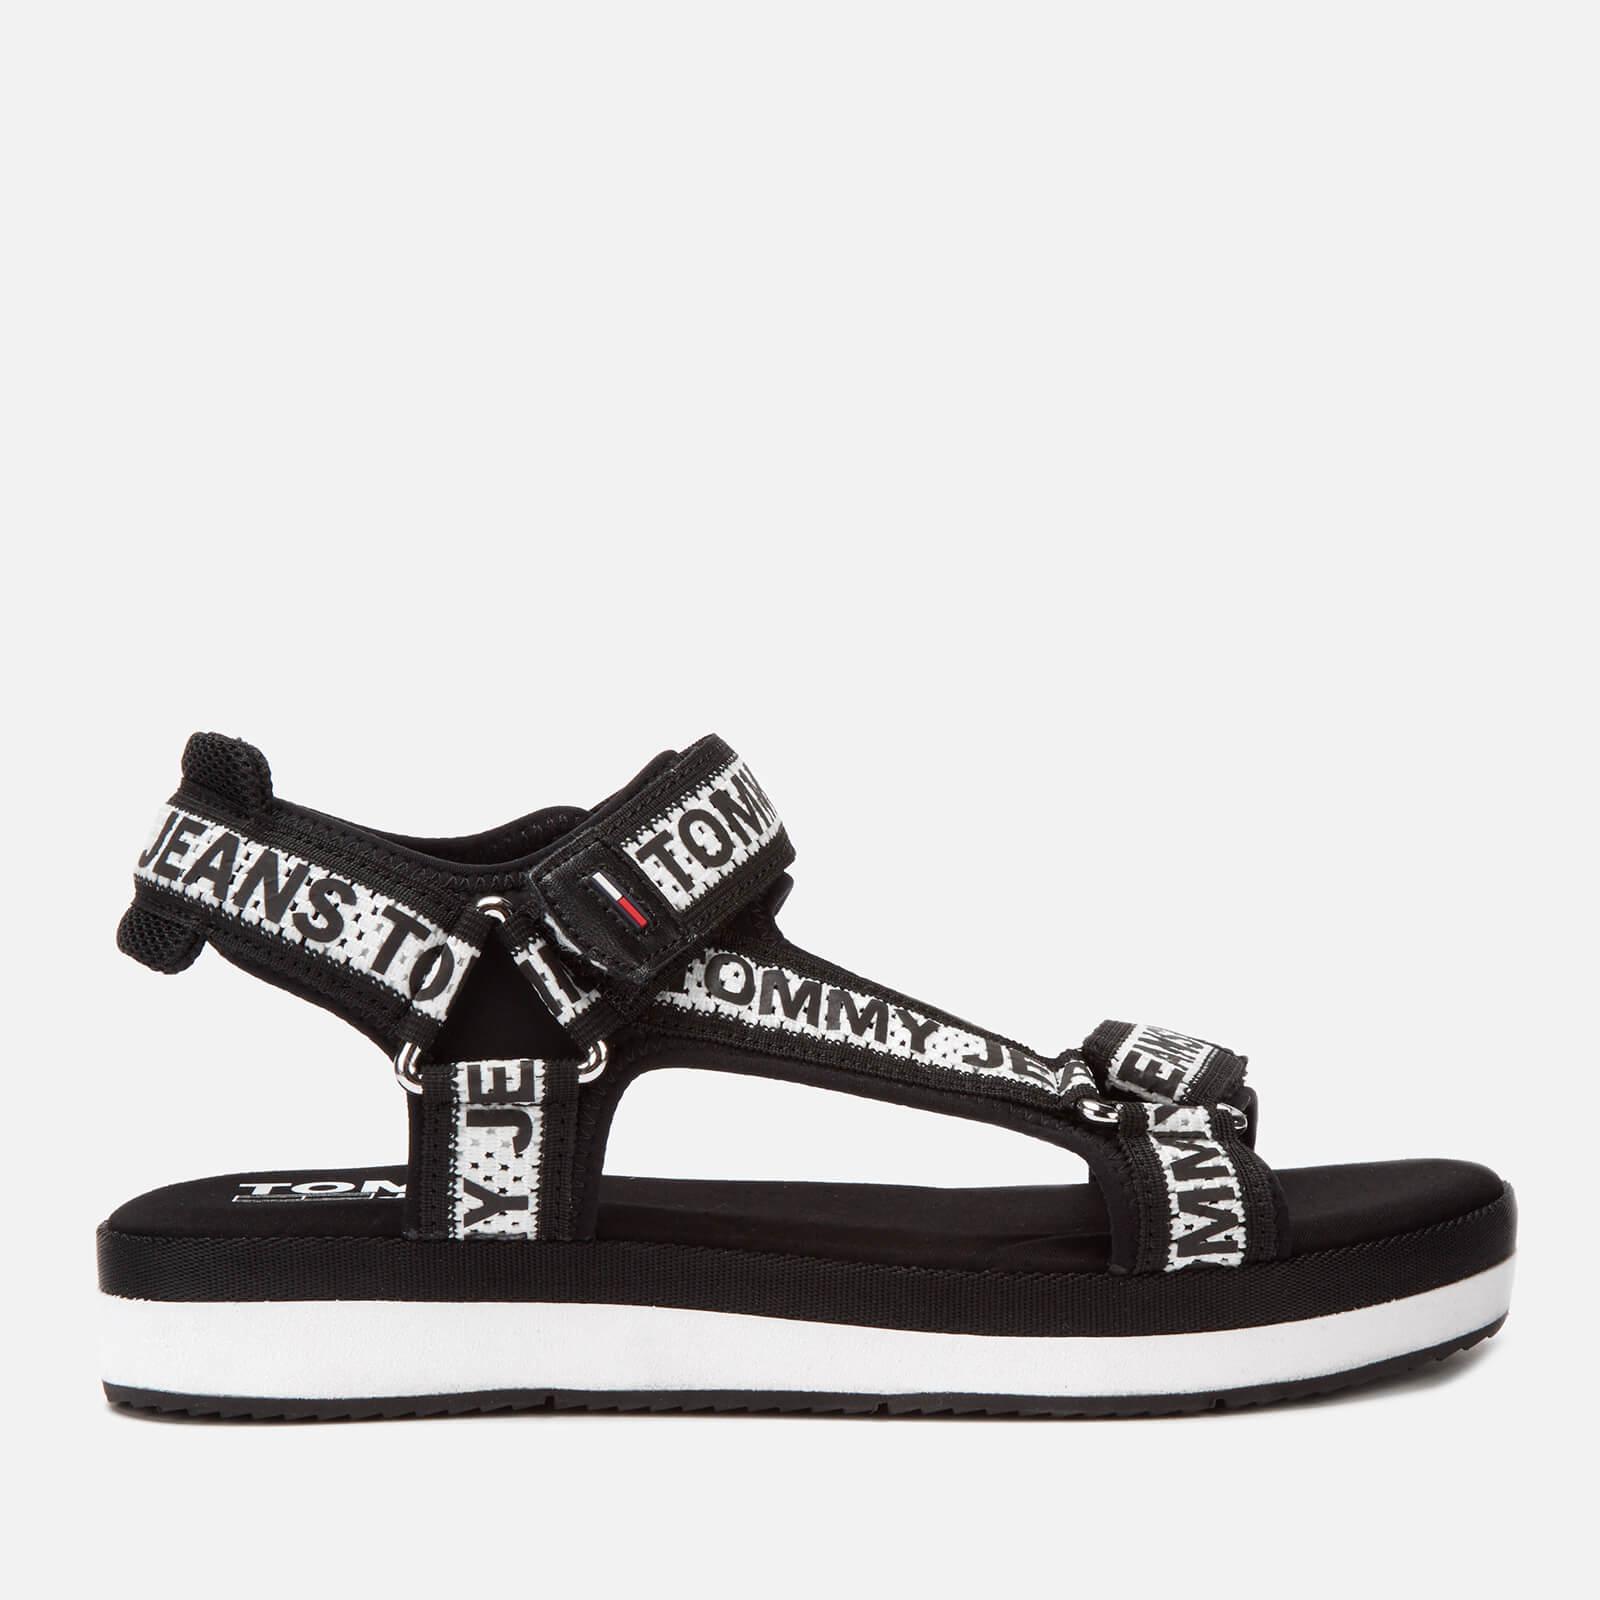 Tommy Jeans Women's Mesh Webbing Sport Sandals - Black - UK 7 - Black